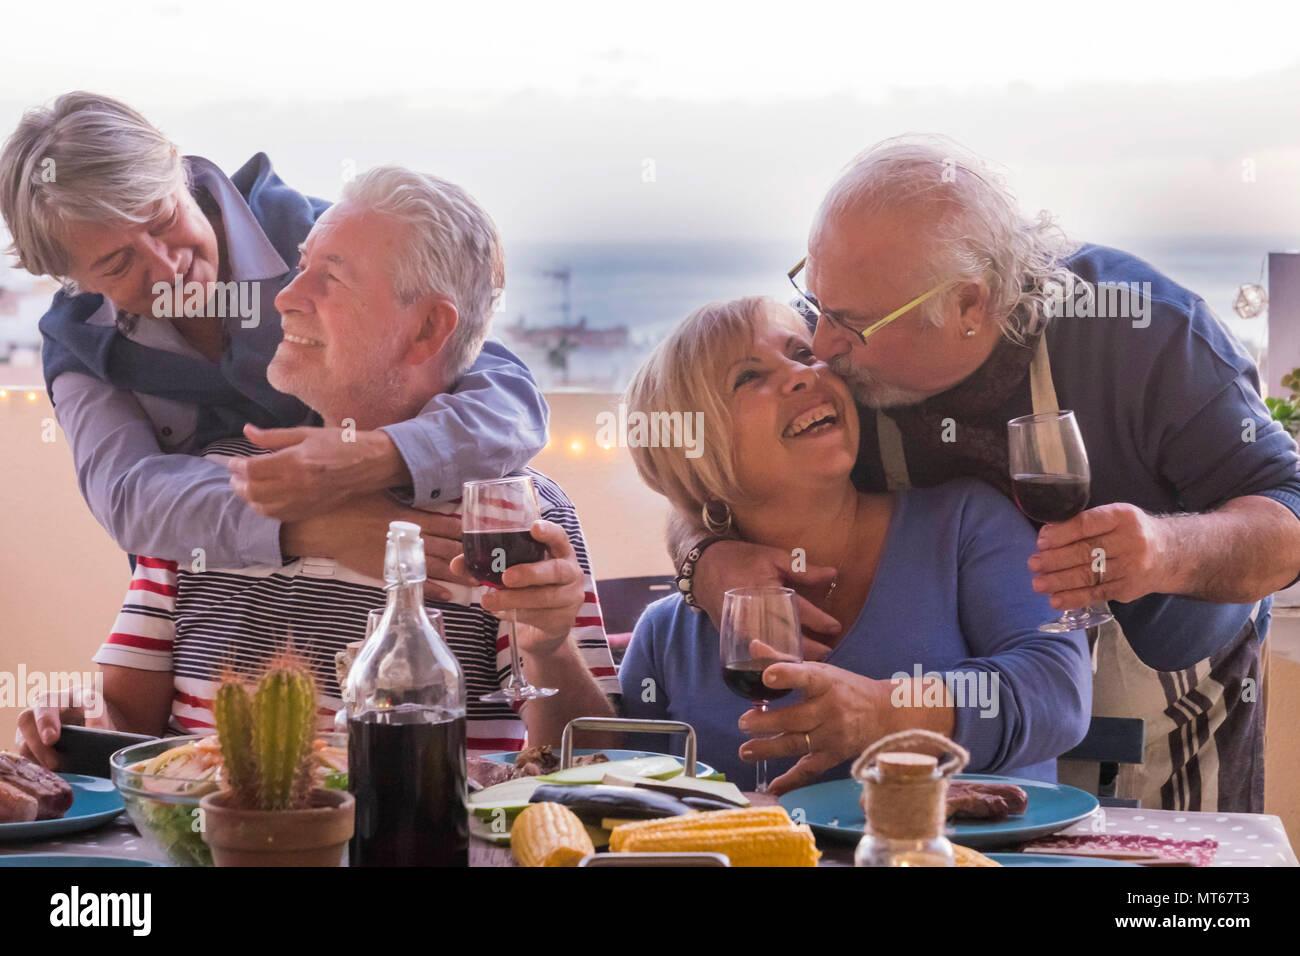 Dos pareja permanecer juntos con amor, sonrisas y besos durante una cena en la terraza al aire libre con vistas al océano y terraza vista al techo. alegría y tener f Imagen De Stock